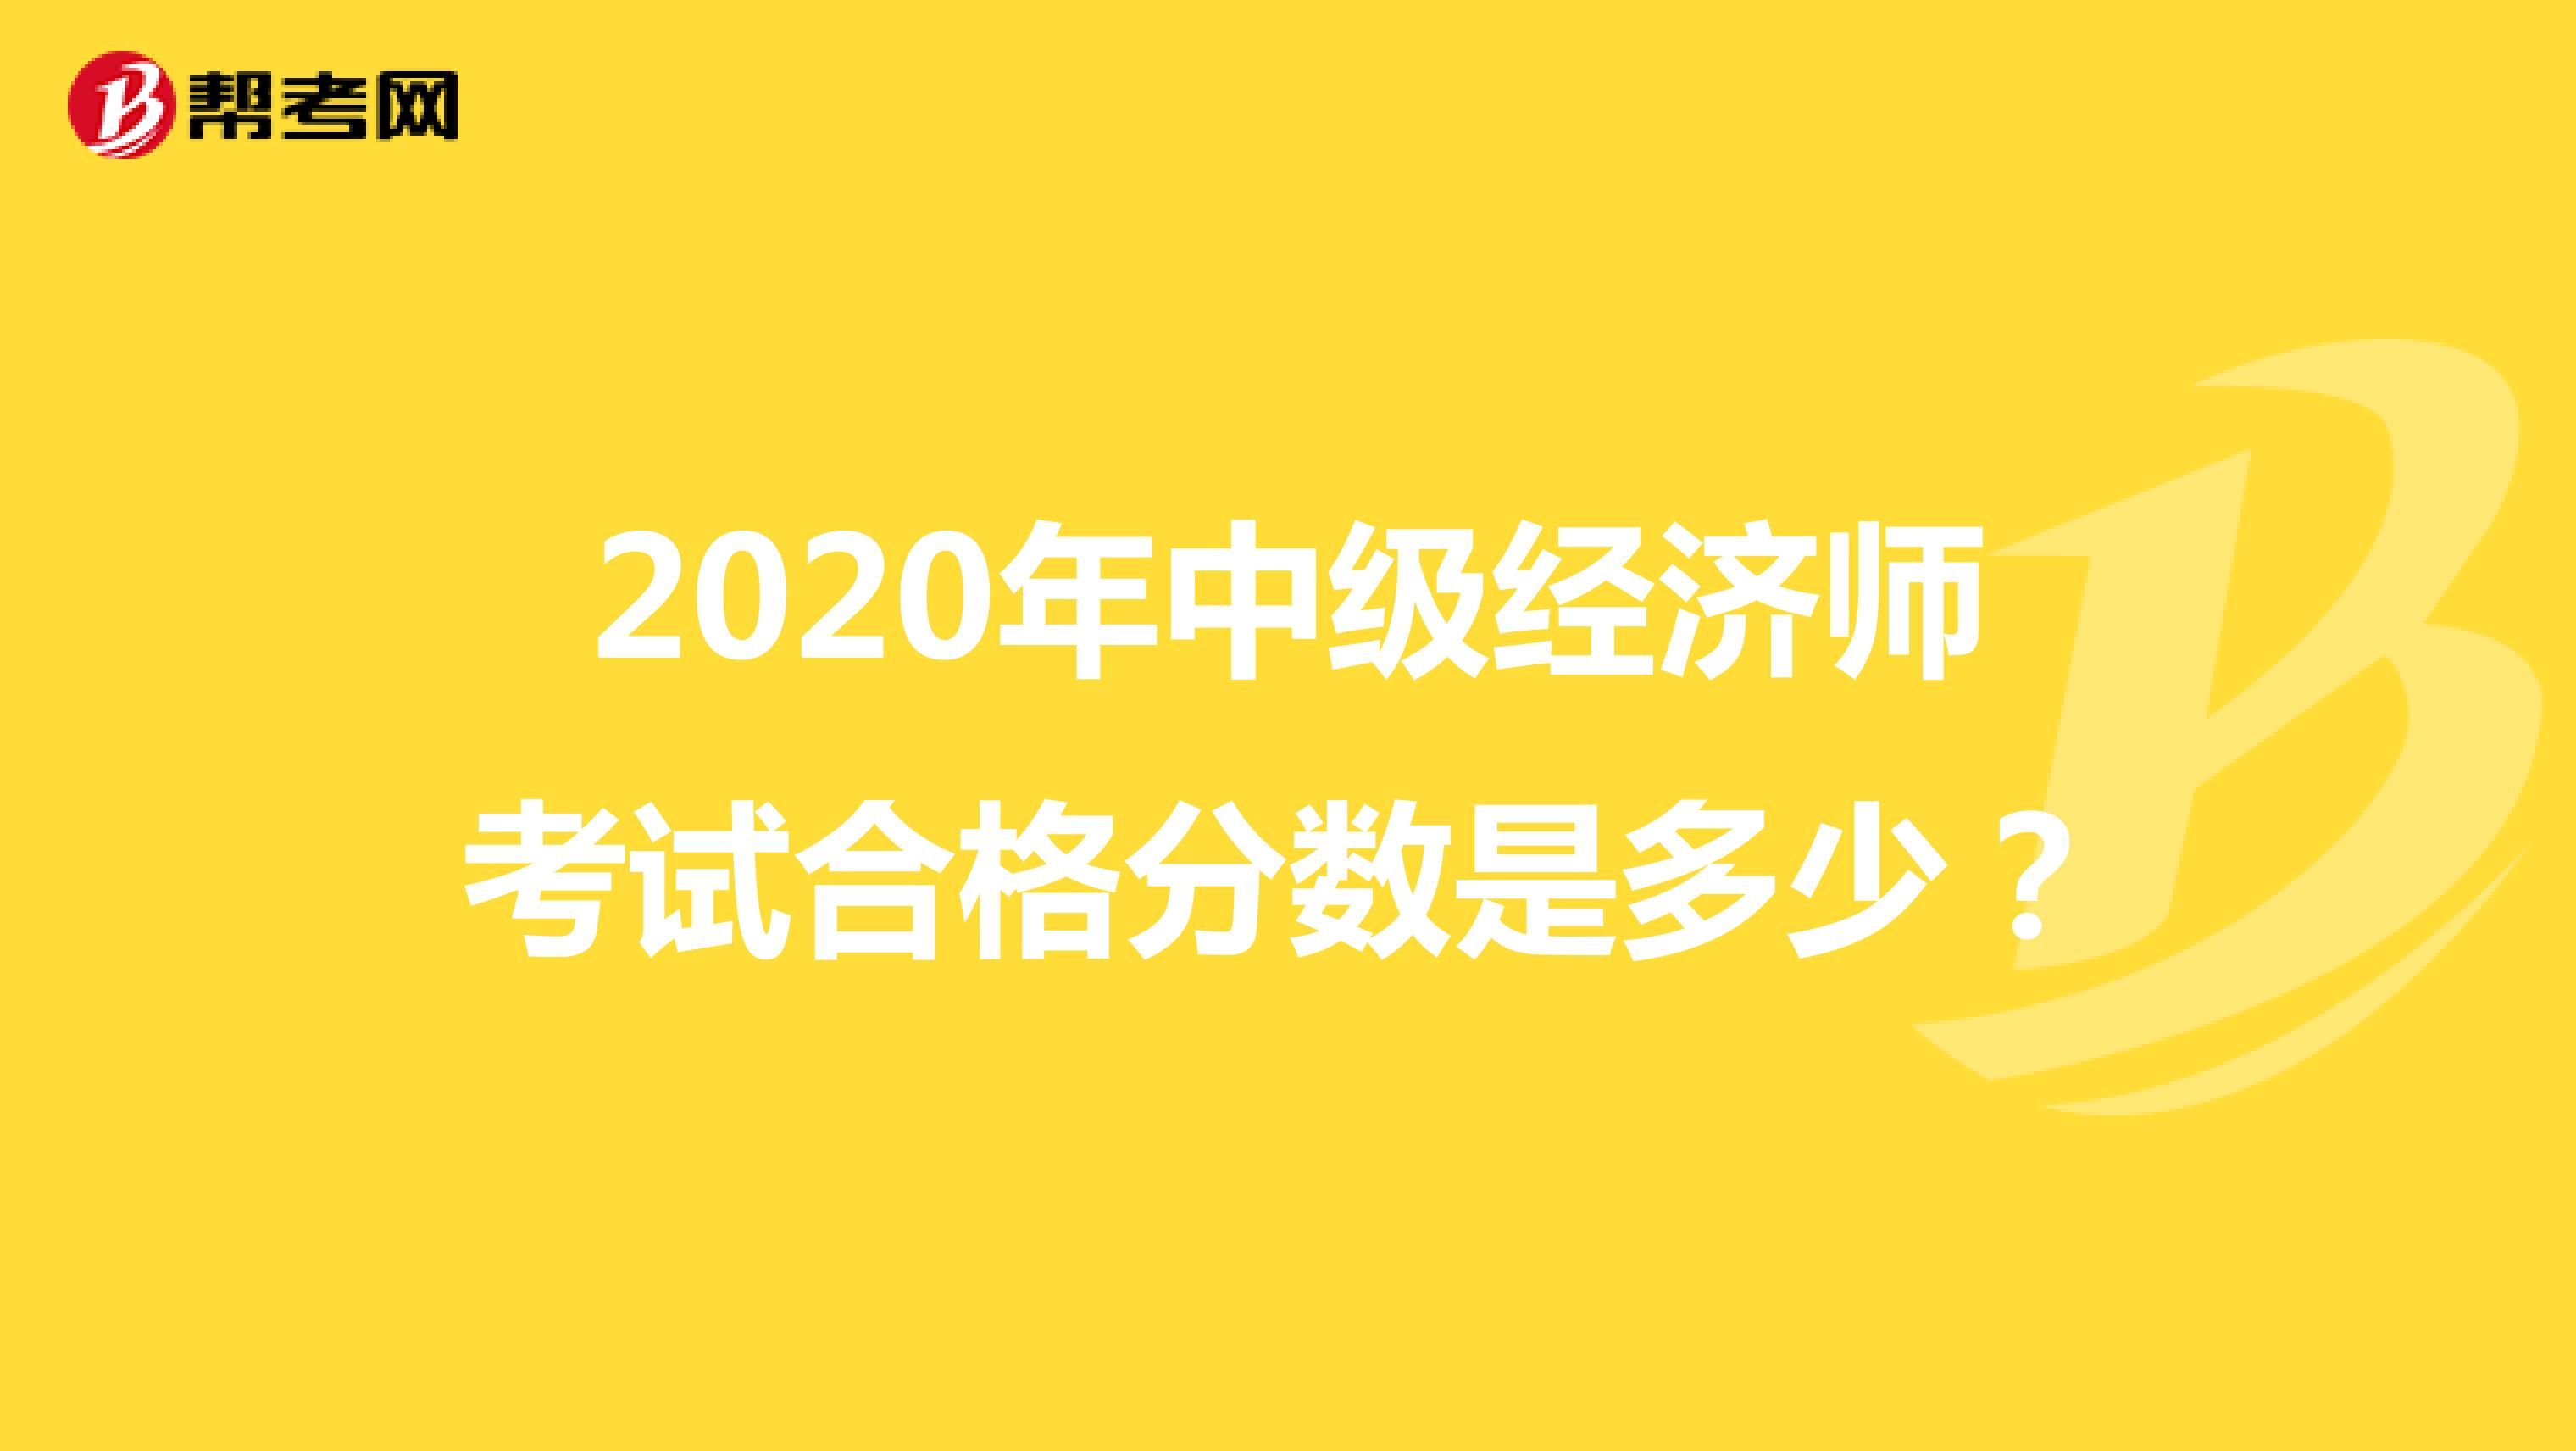 2020年中级经济师考试合格分数是多少?